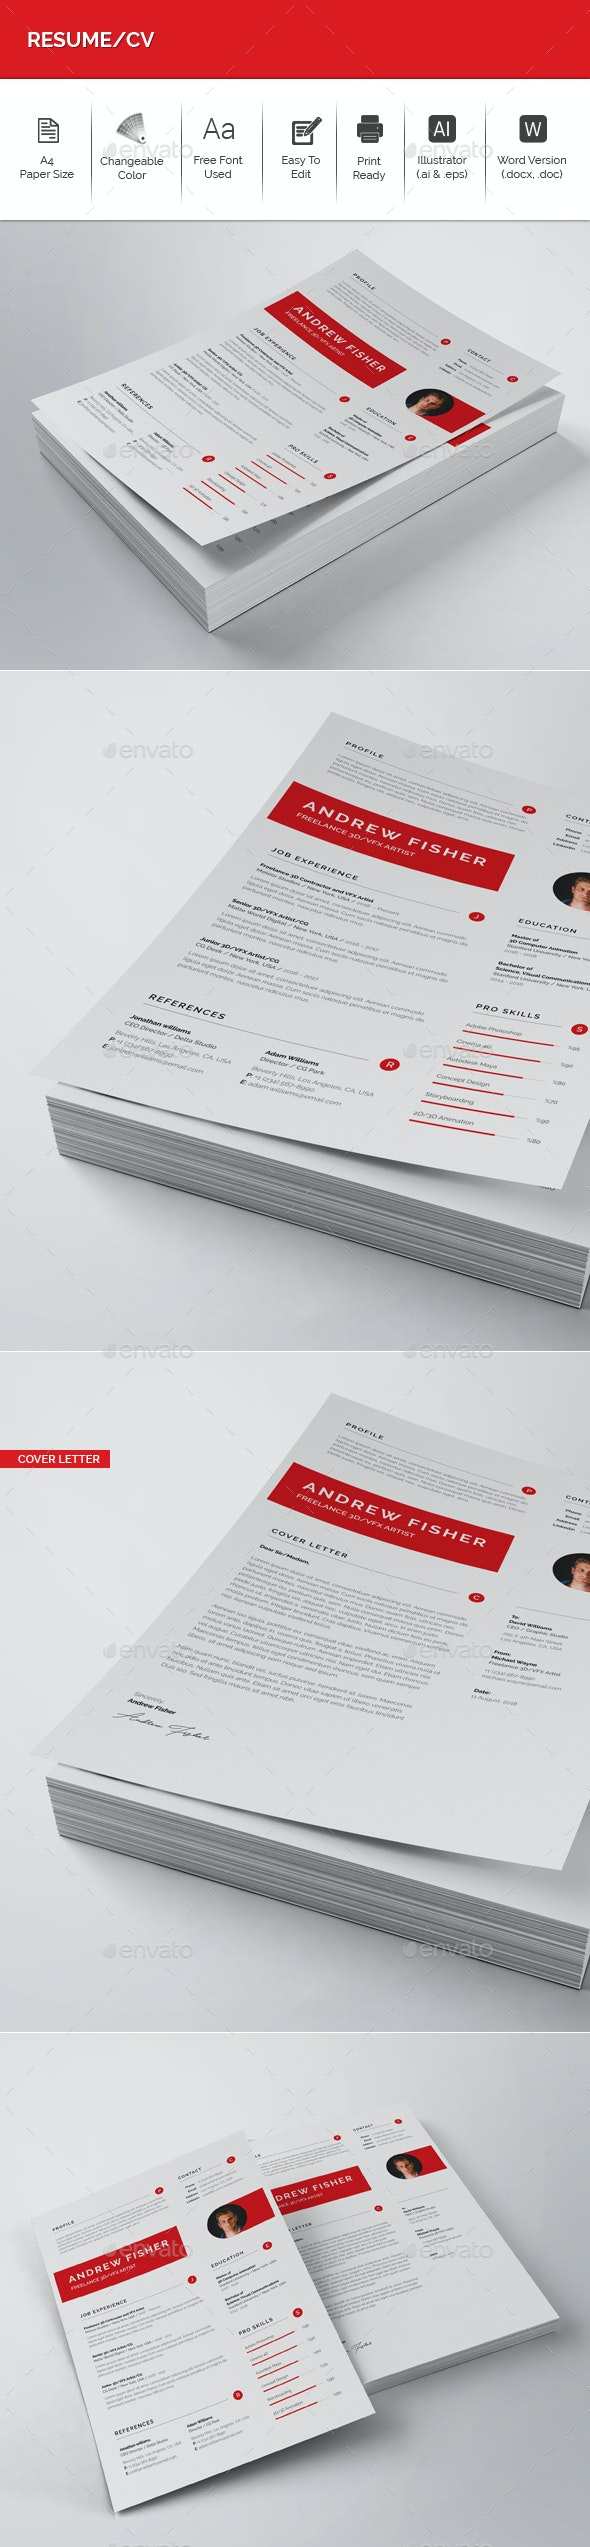 Resume/CV - Resumes Stationery